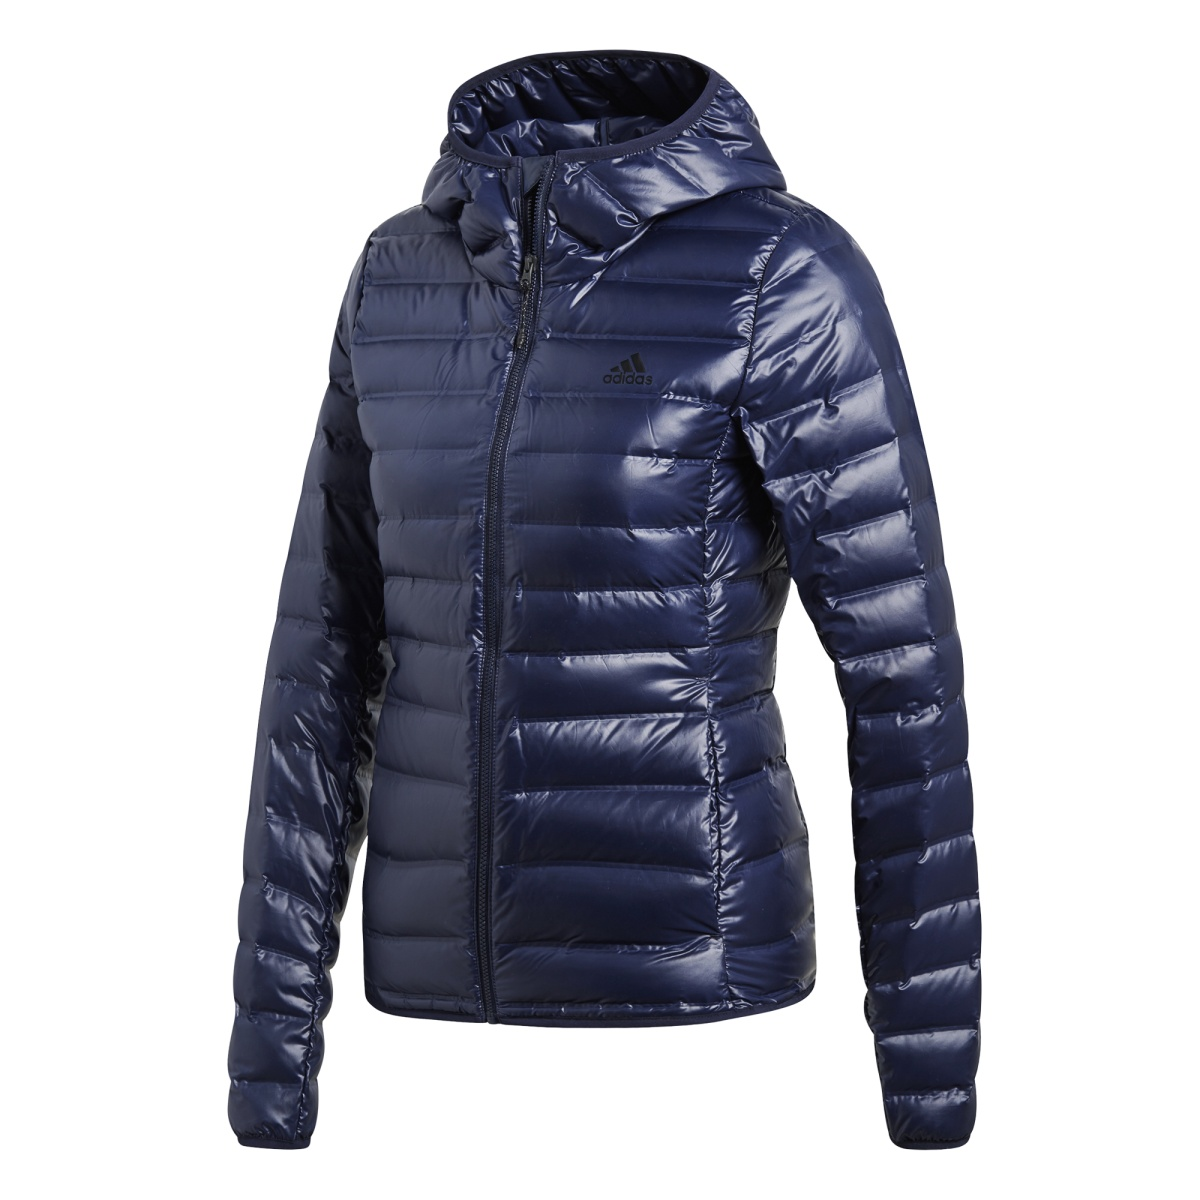 adidas W Varilite Ho J modrá M - Glami.sk 4fc9c92ddbb